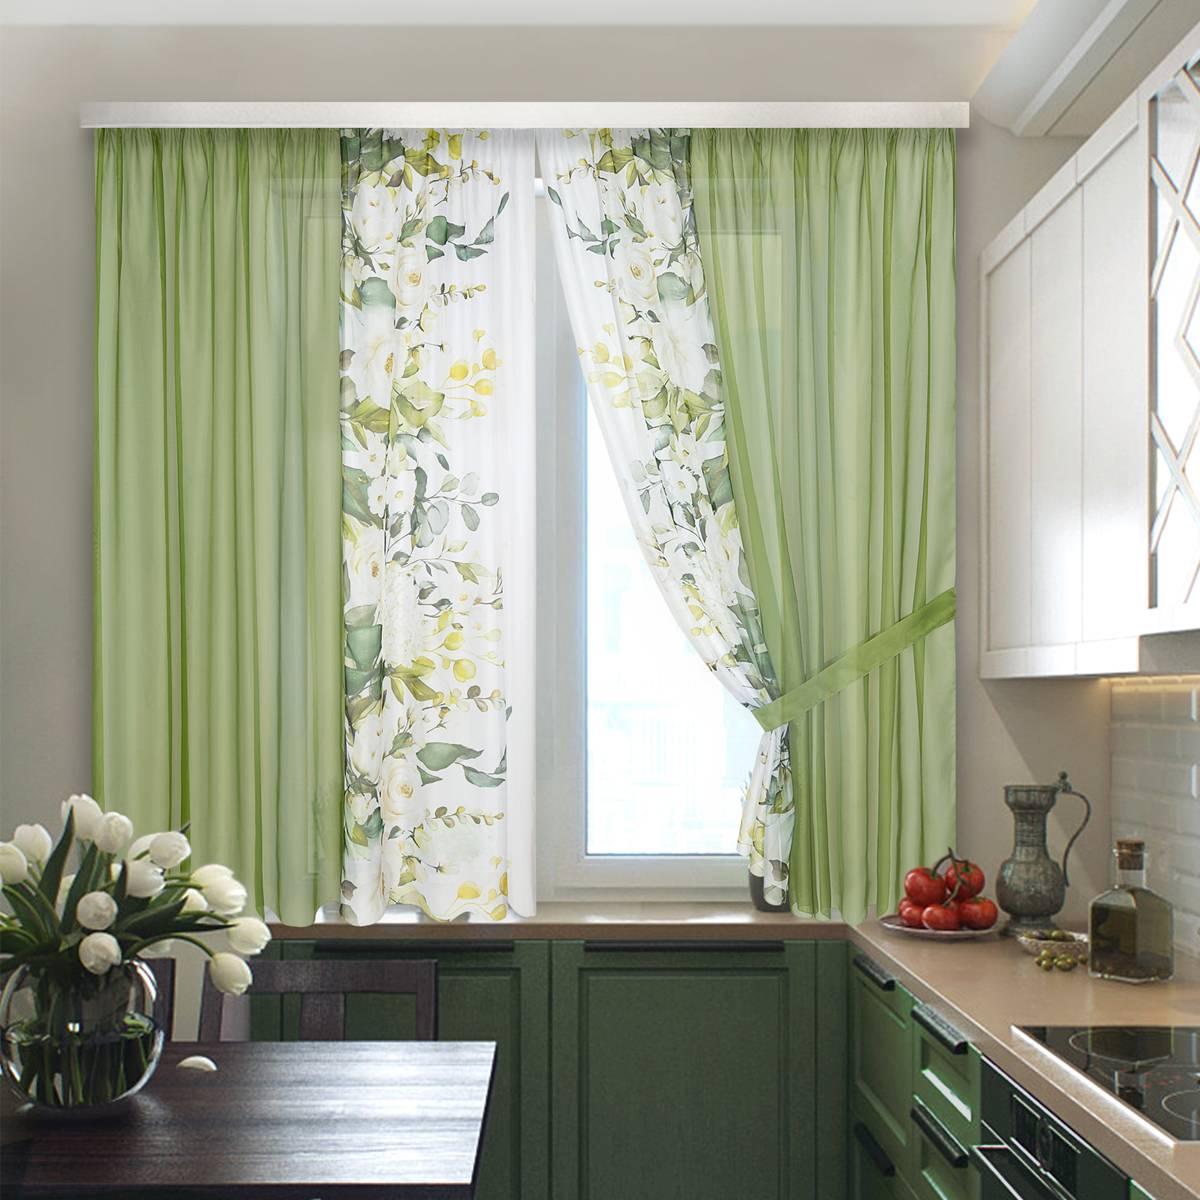 Серые тона кухни в интерьере: 82 фото идей дизайна от ivd.ru